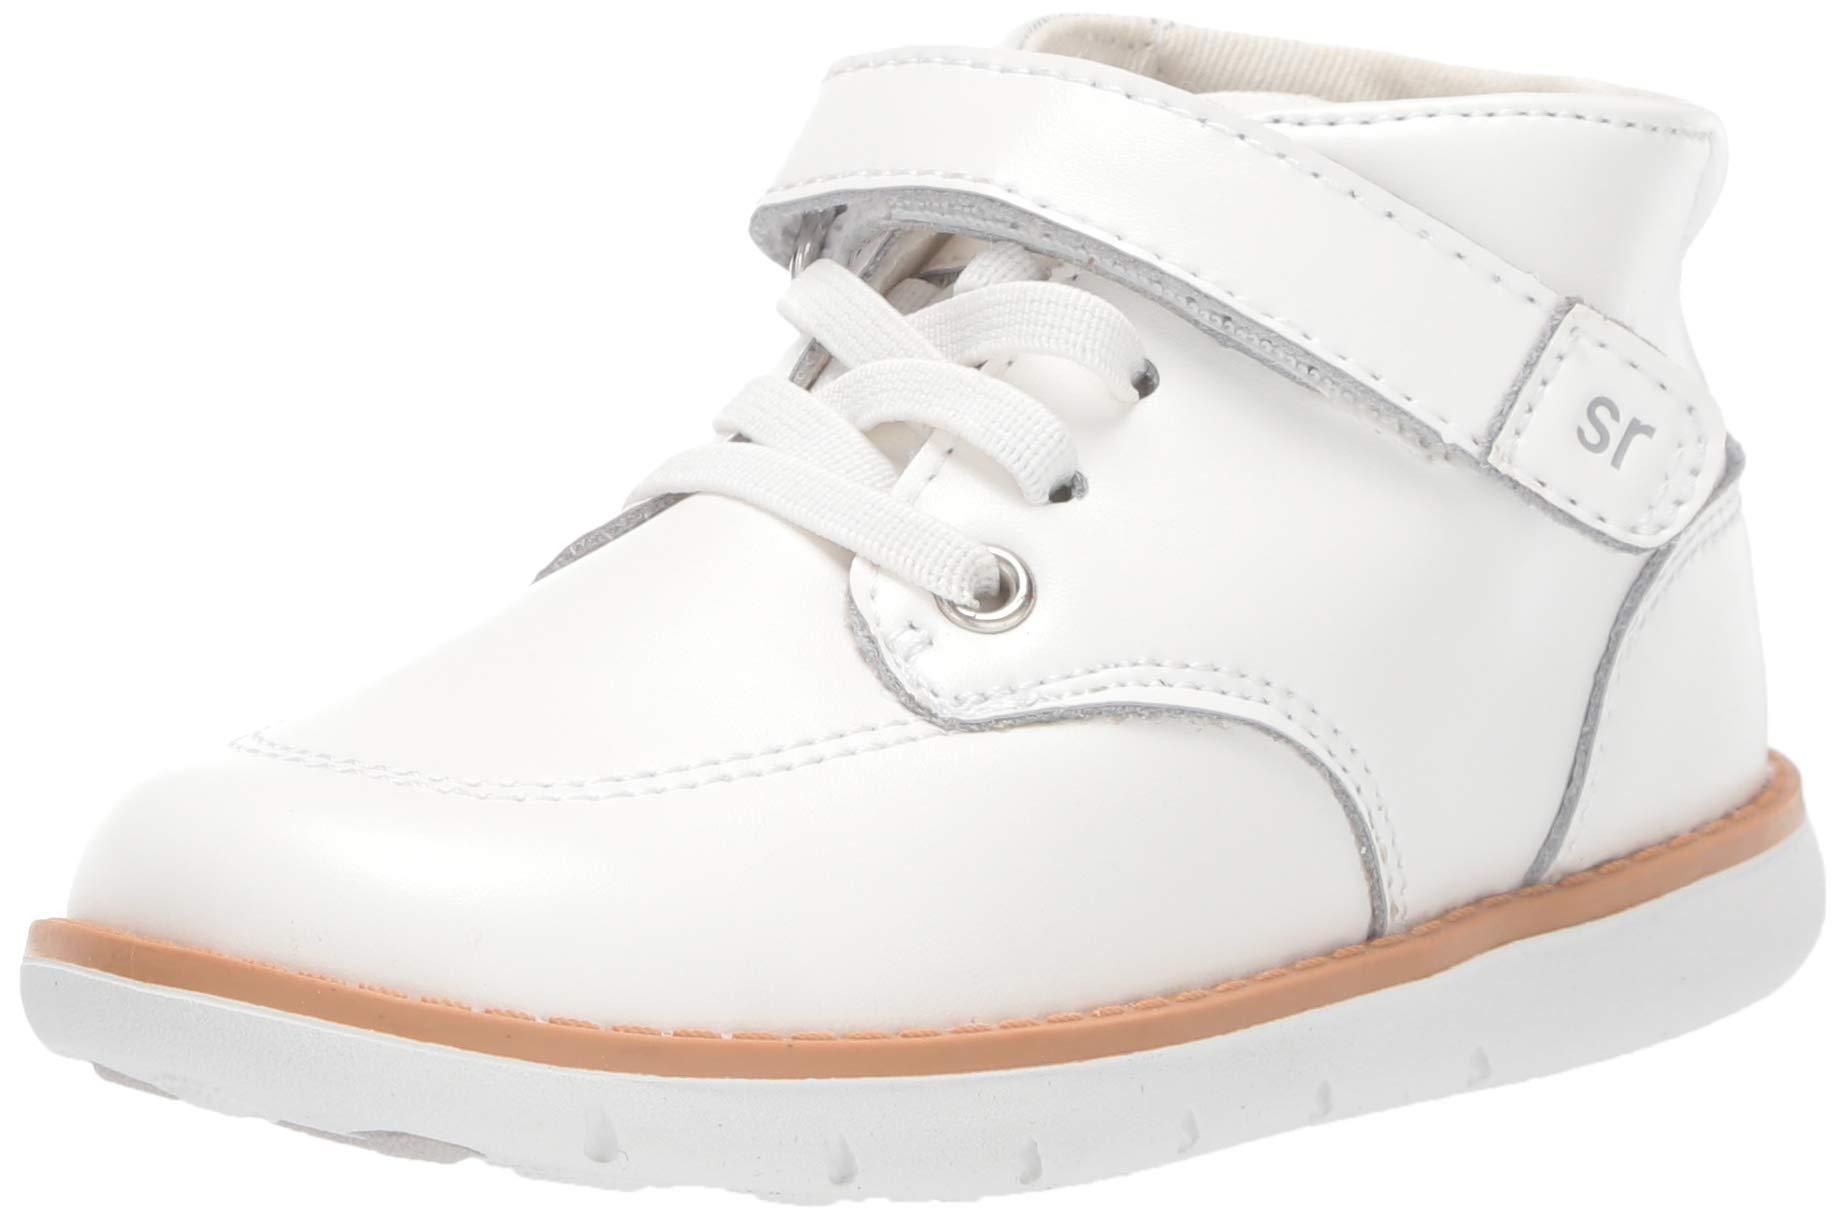 Stride Rite Boys' SRT Quinn Sneaker, White, 5 W US Toddler by Stride Rite